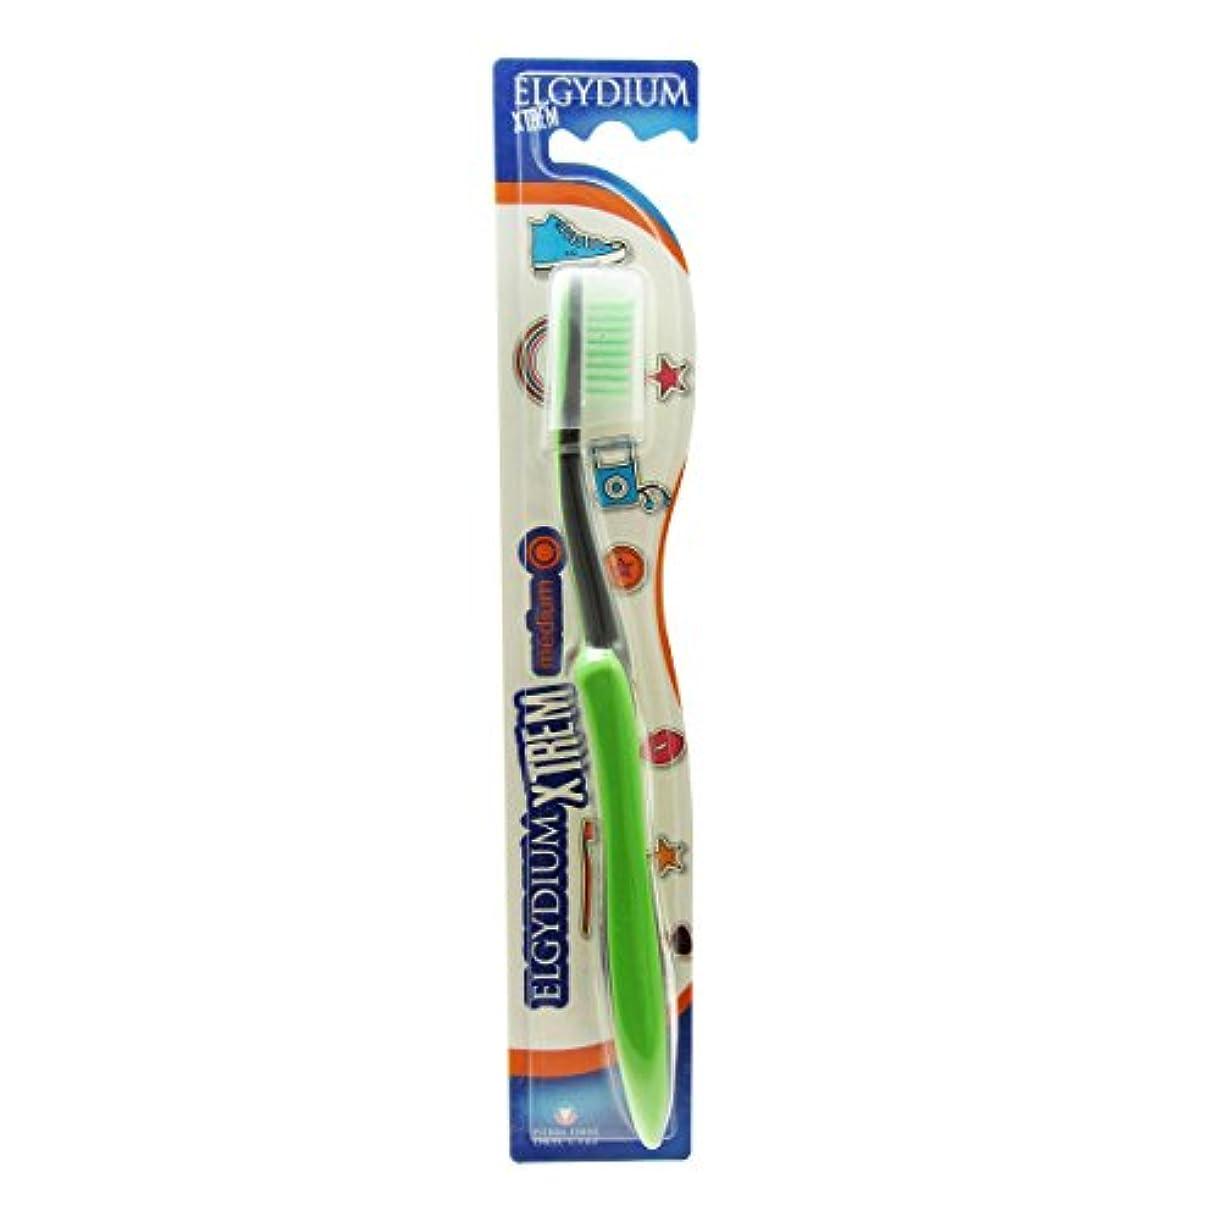 作動するレトルト痛いElgydium Xtrem Toothbrush Medium Hardness [並行輸入品]